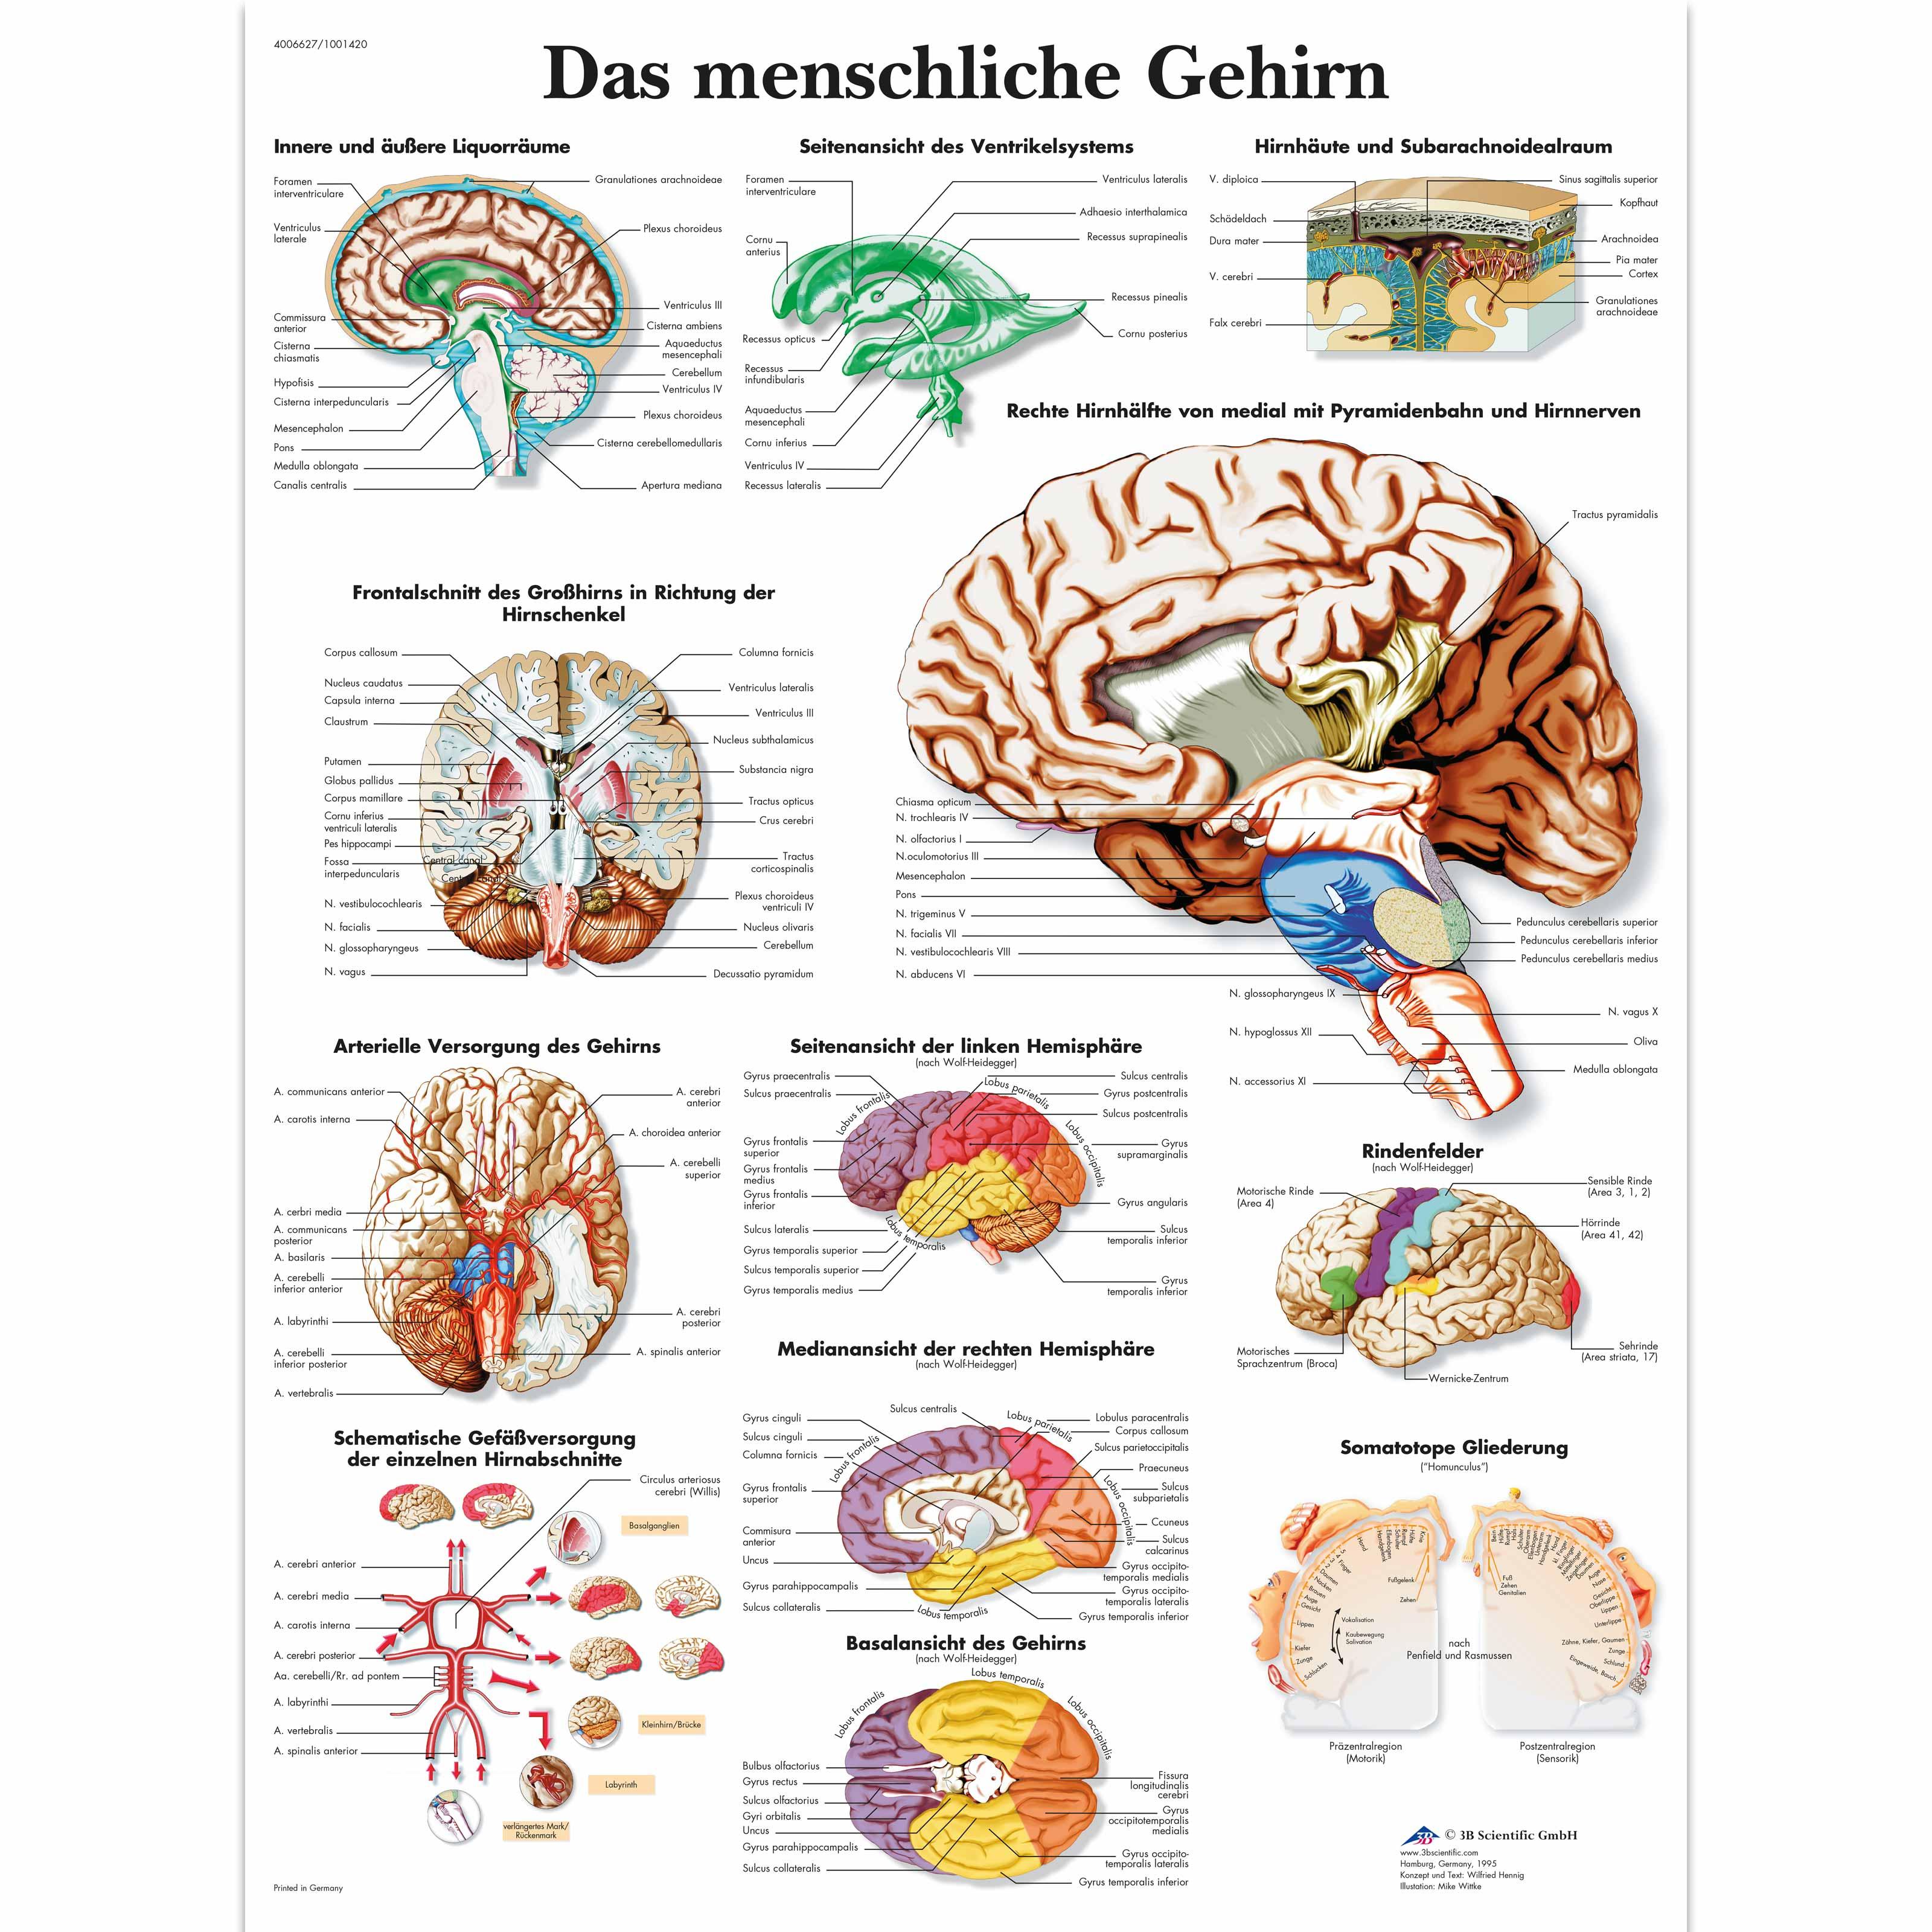 Schön Lieder Anatomie Und Physiologie Ideen - Anatomie Ideen ...